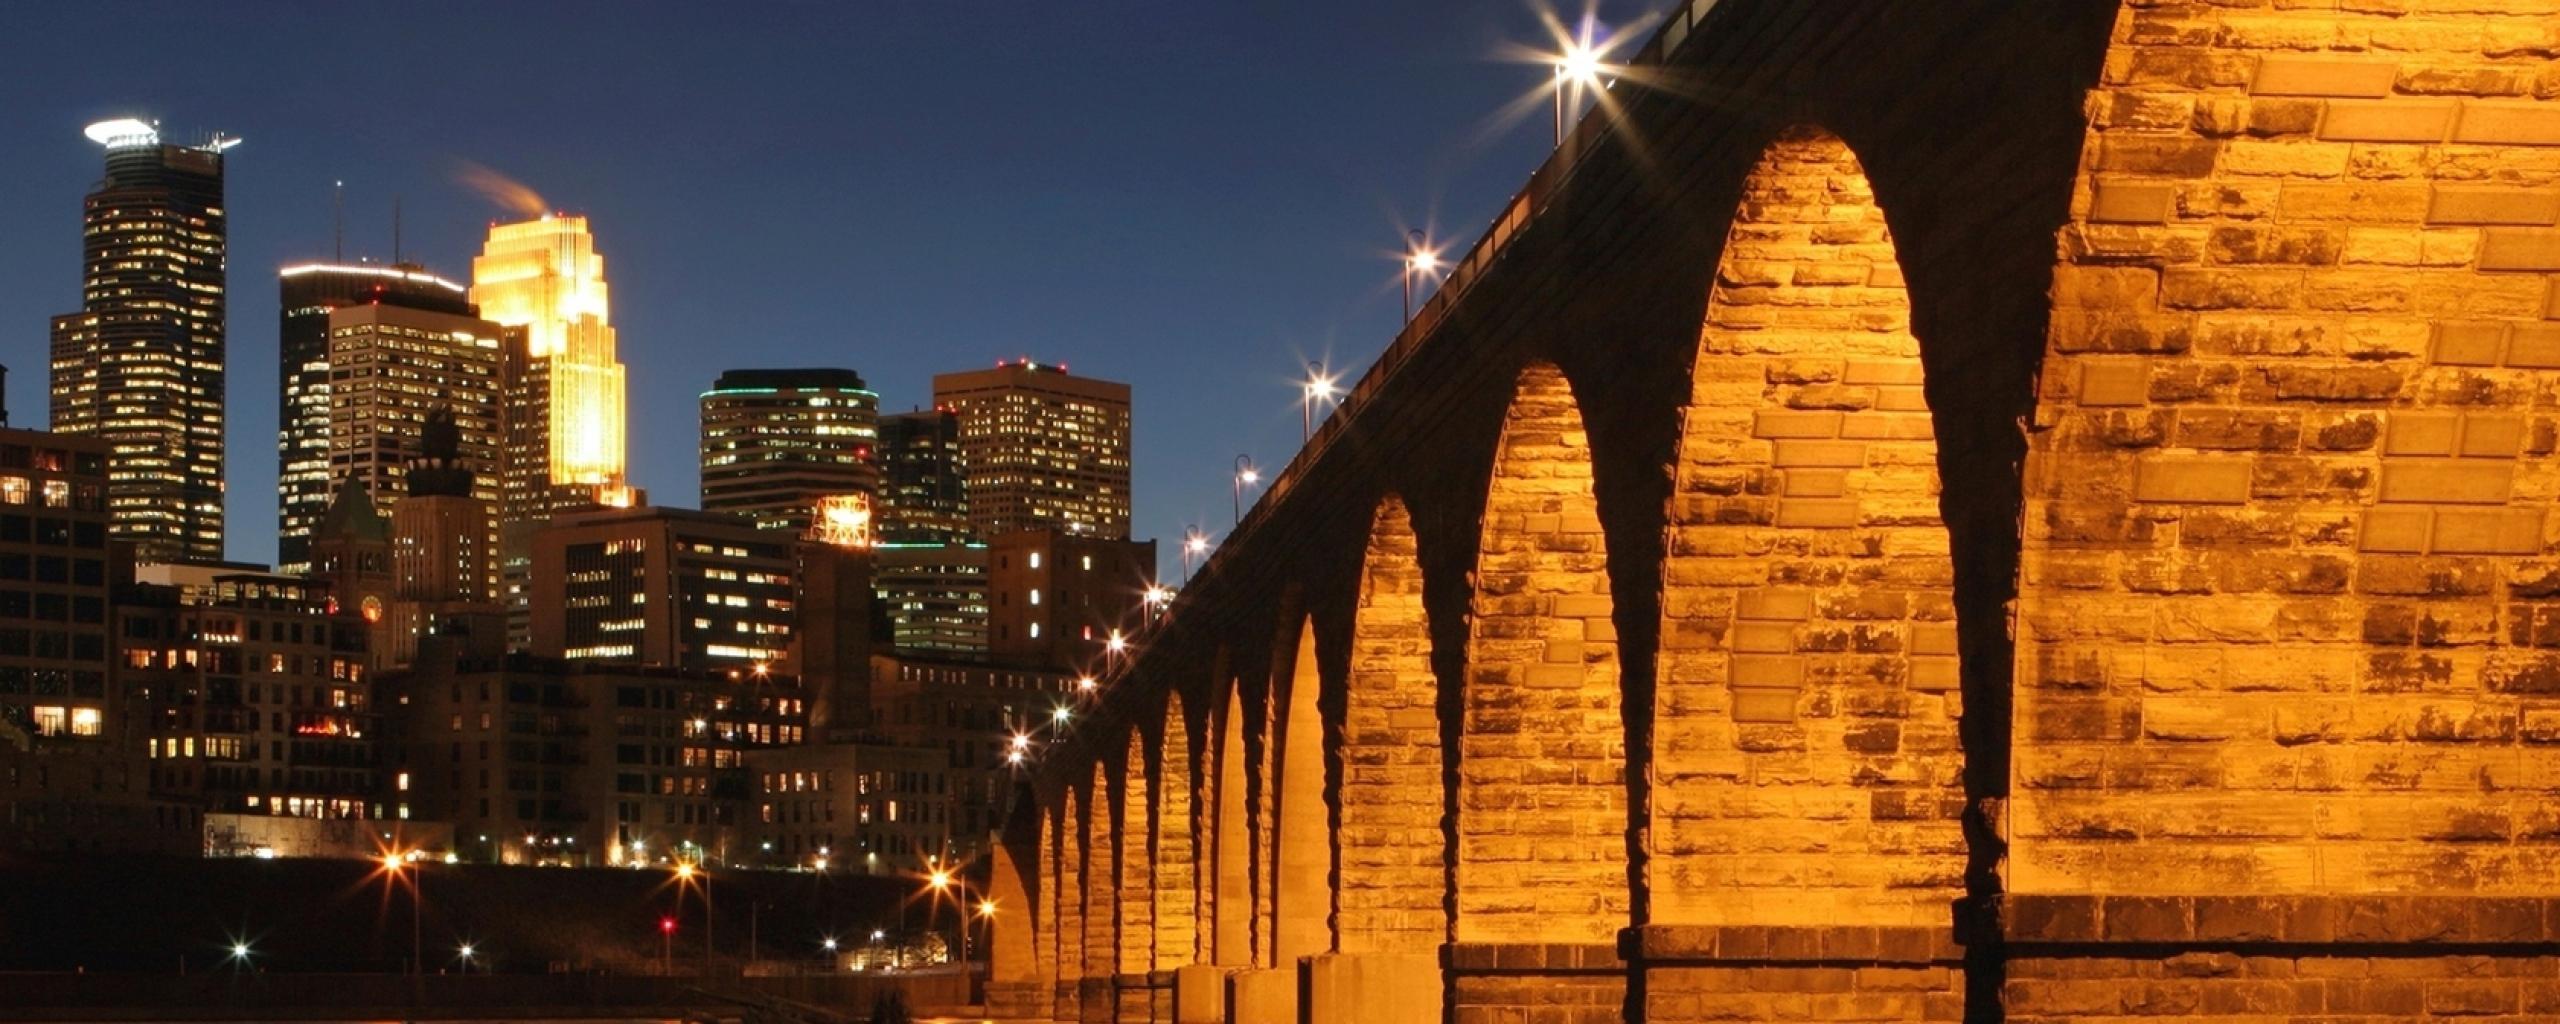 Minneapolis Wallpaper Wallpapersafari HD Wallpapers Download Free Images Wallpaper [1000image.com]